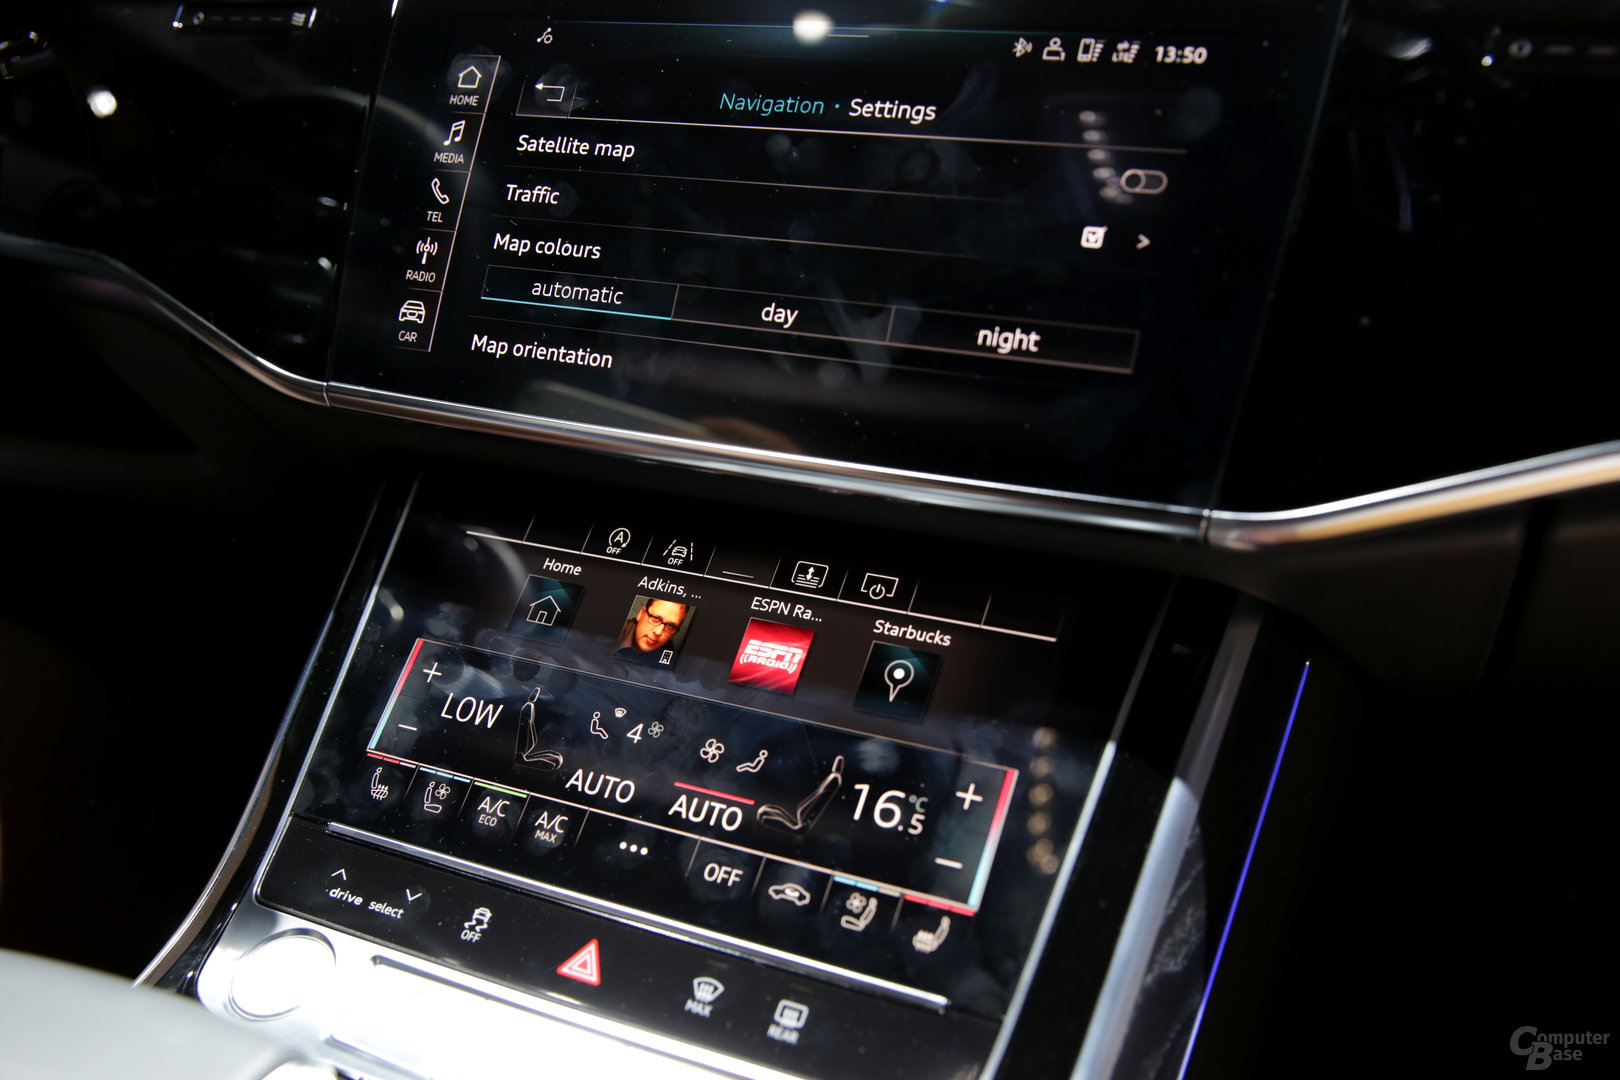 Displays in der Mittelkonsole mit 10,1 und 8,6 Zoll